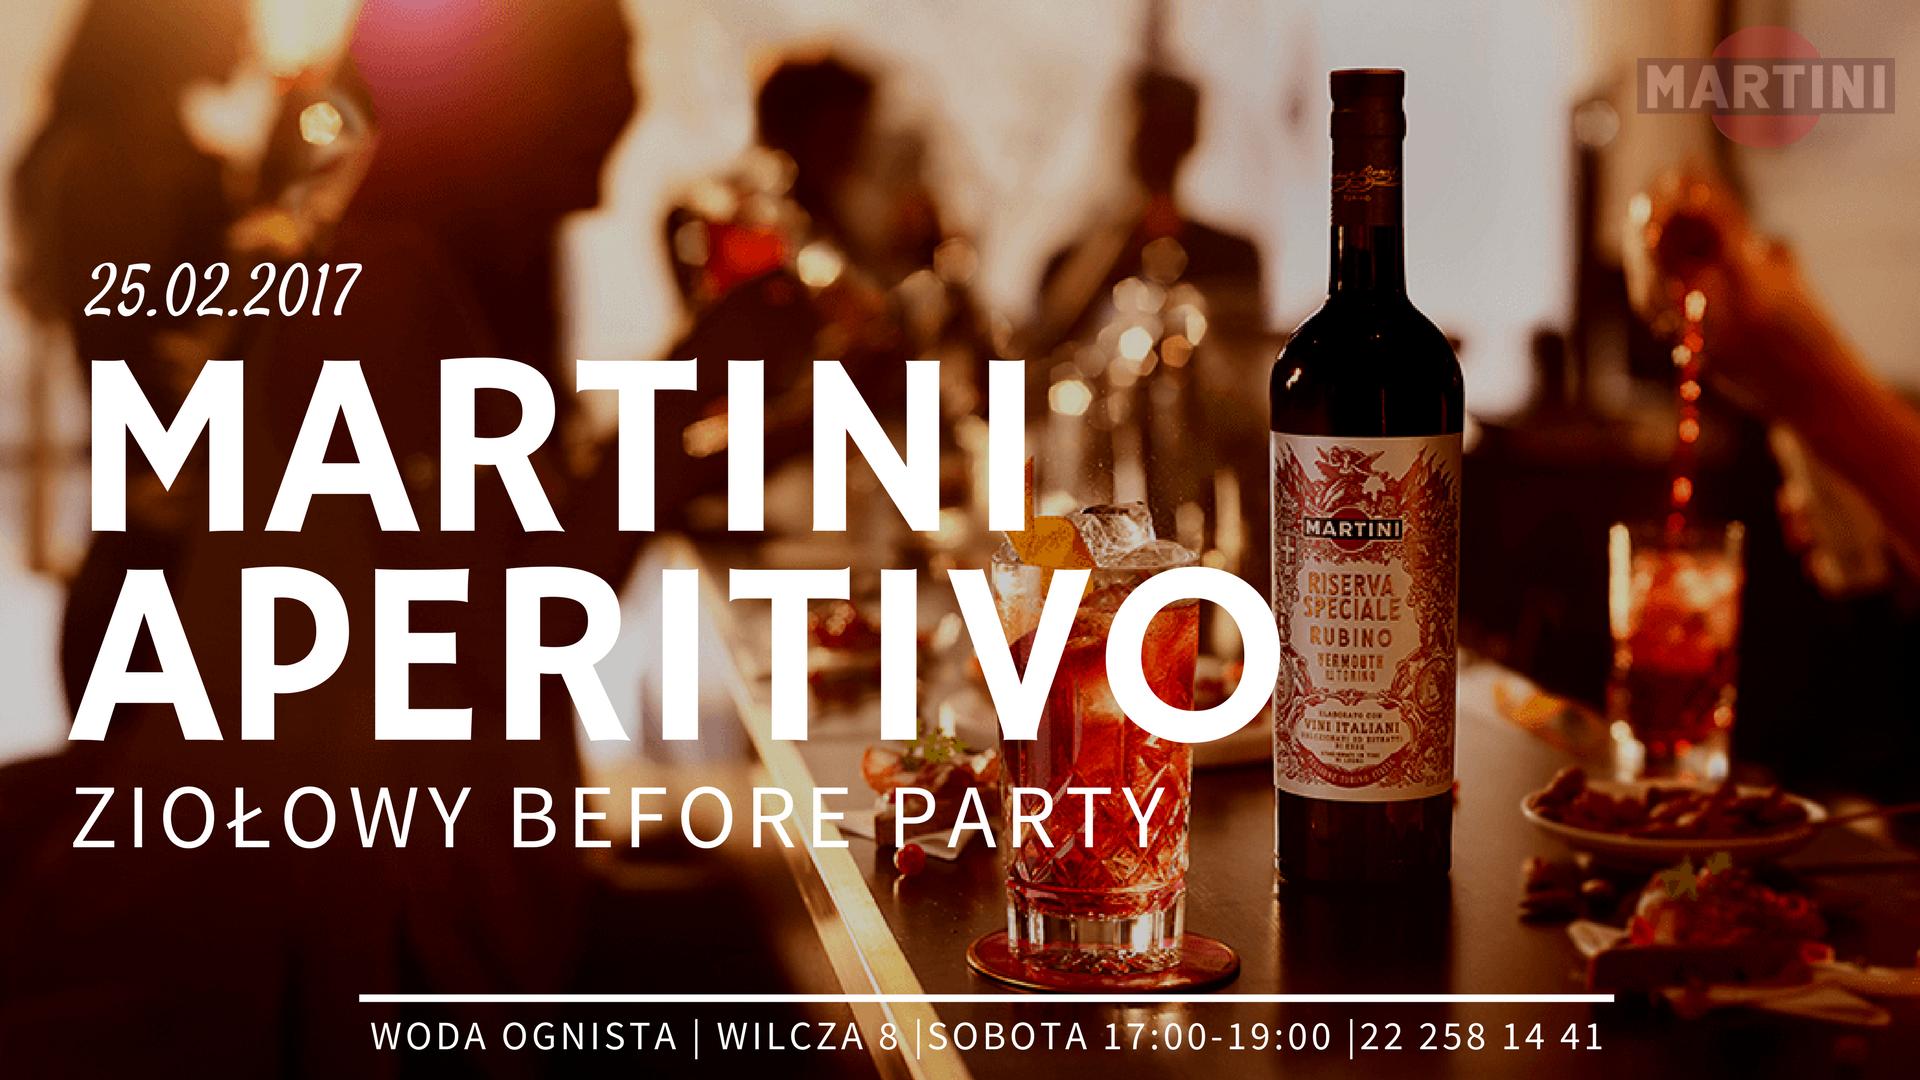 ZAPROSZENIE Martini Aperitivo